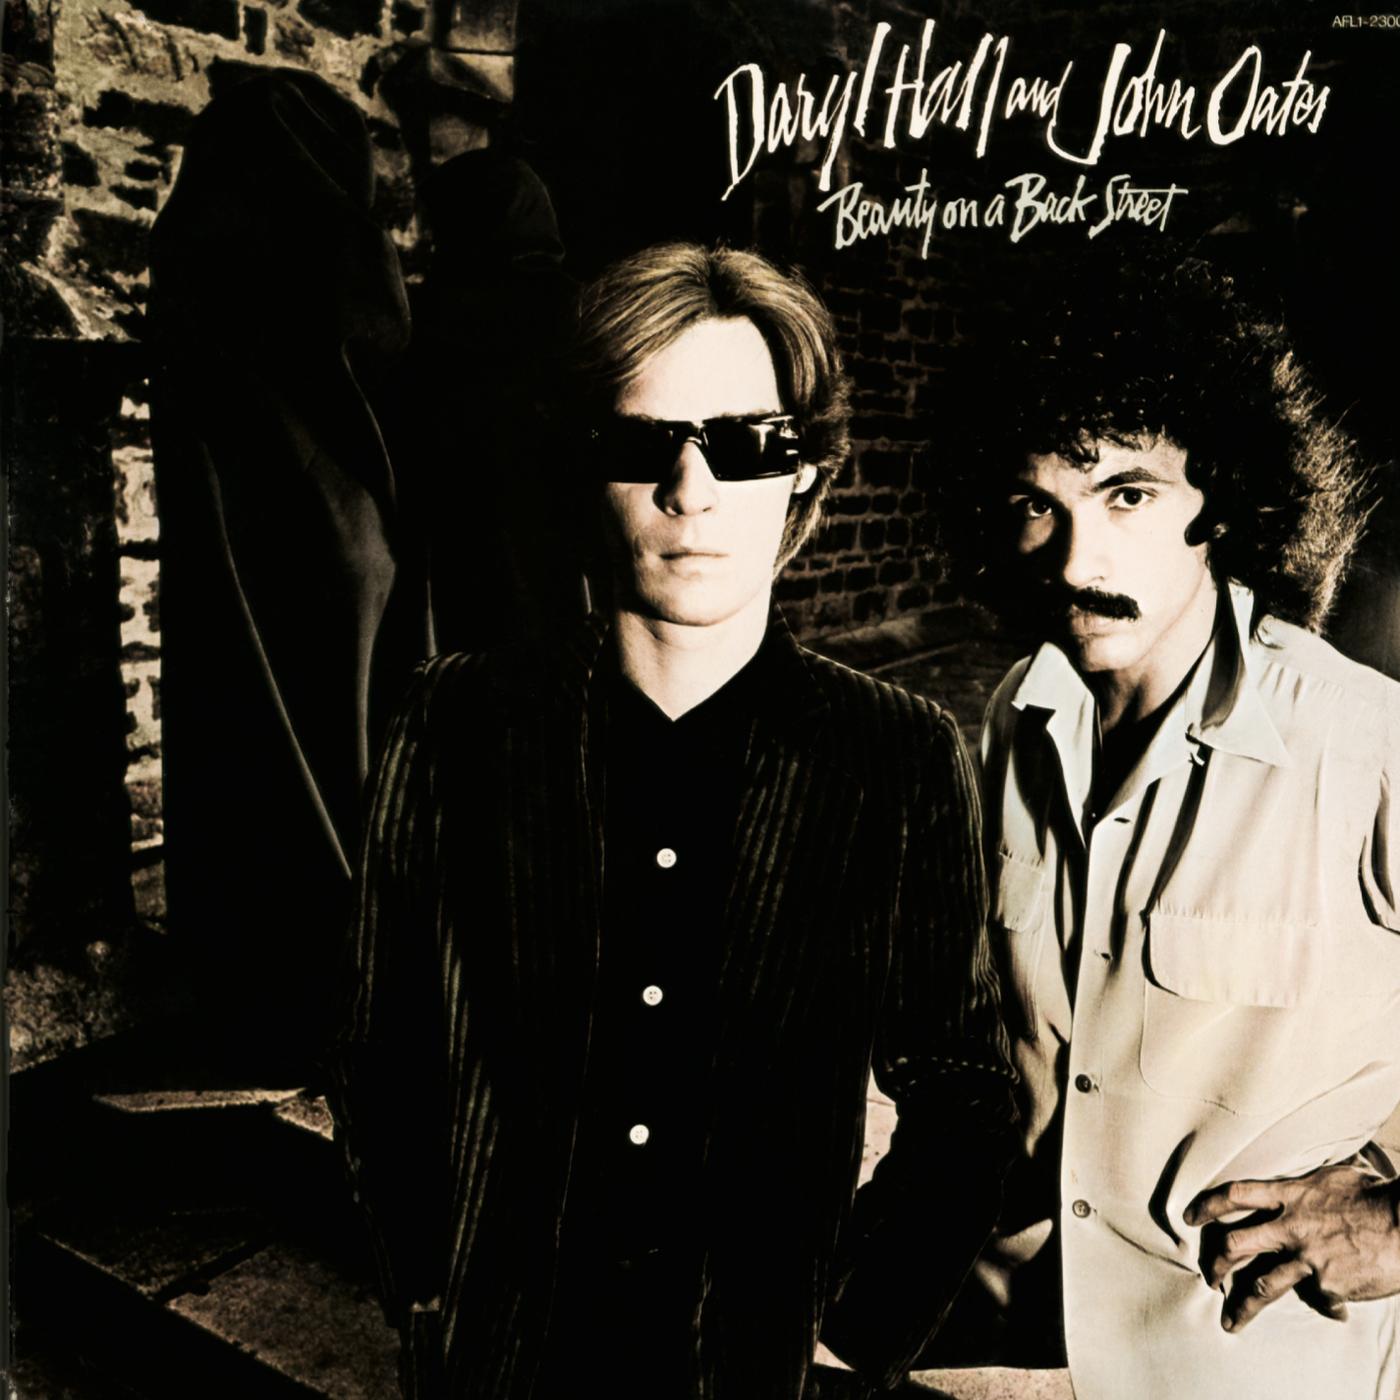 Beauty On a Back Street - Daryl Hall & John Oates